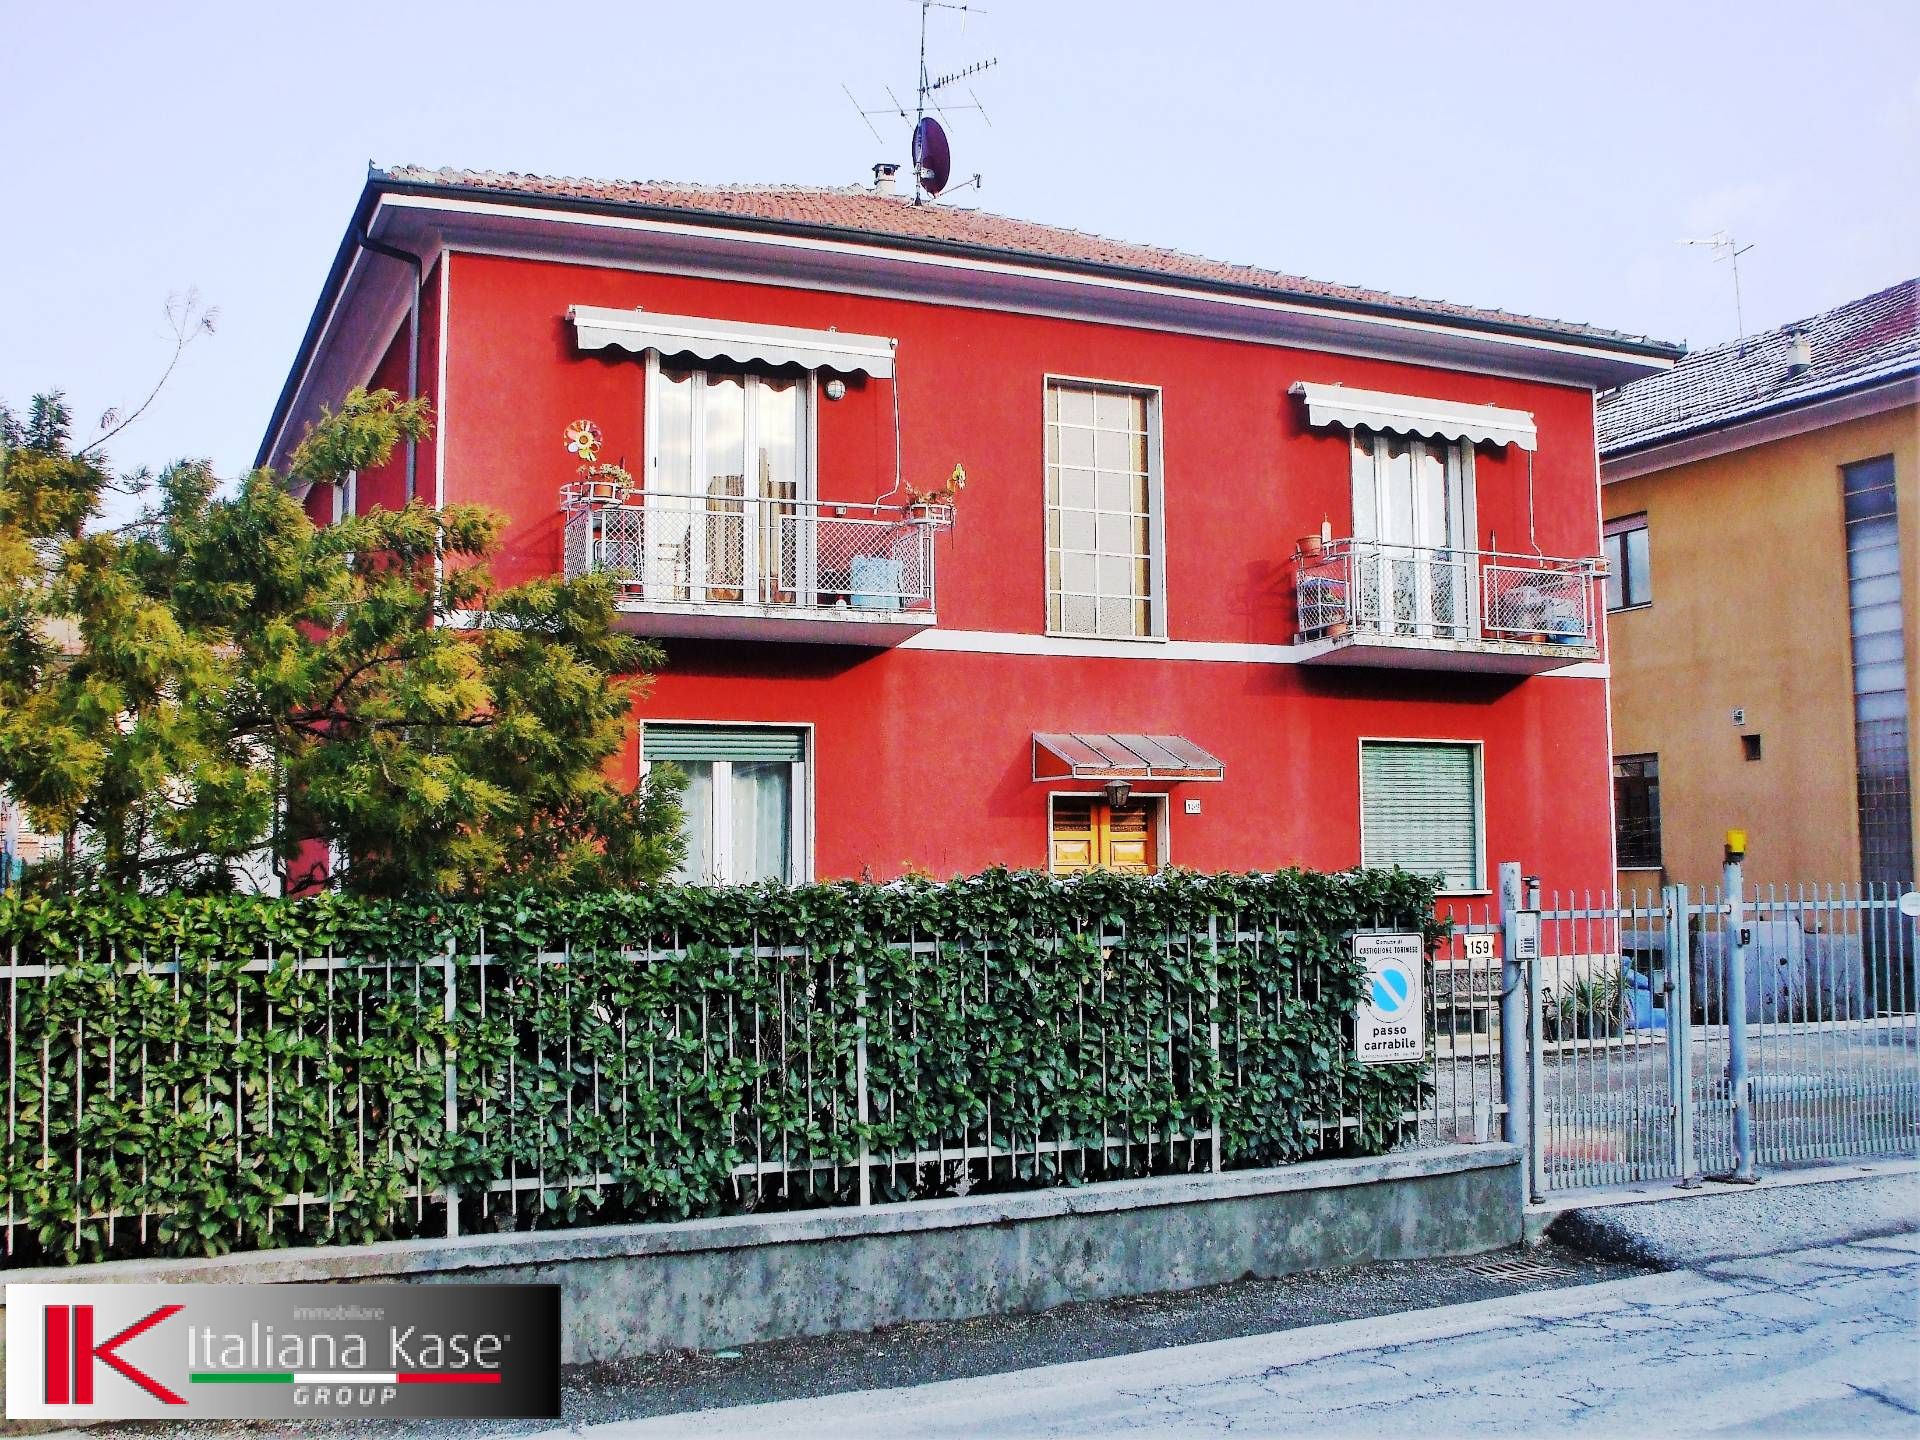 Appartamento in vendita a Castiglione Torinese, 3 locali, zona Località: Centro, prezzo € 119.000 | CambioCasa.it